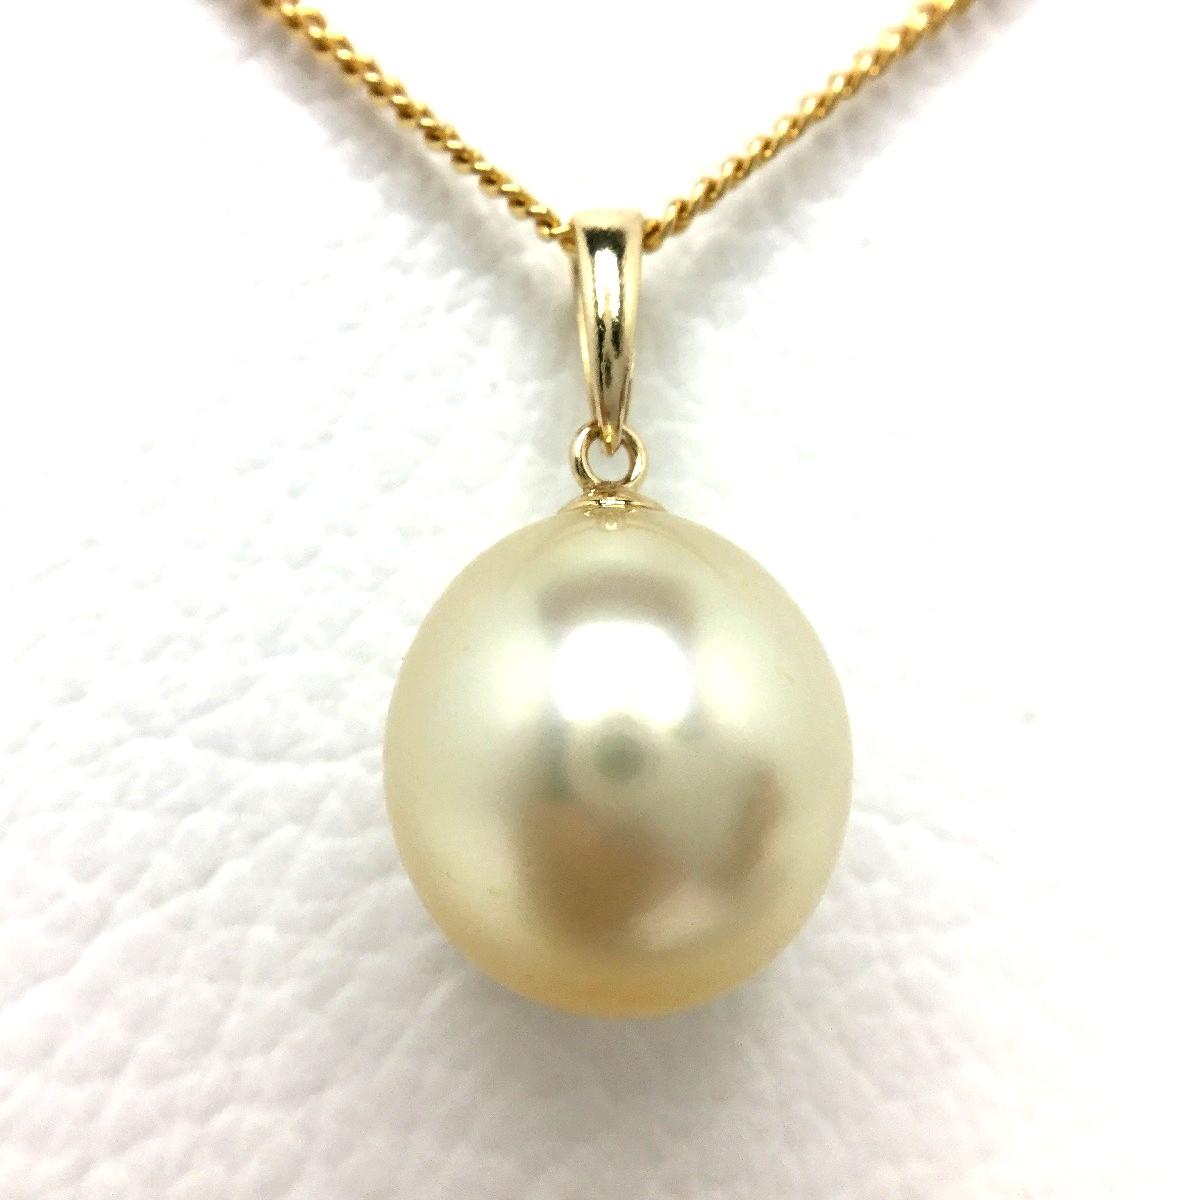 真珠 ペンダントトップ パール 白蝶真珠 11.6mm ゴールド K18 イエローゴールド 66204 イソワパール